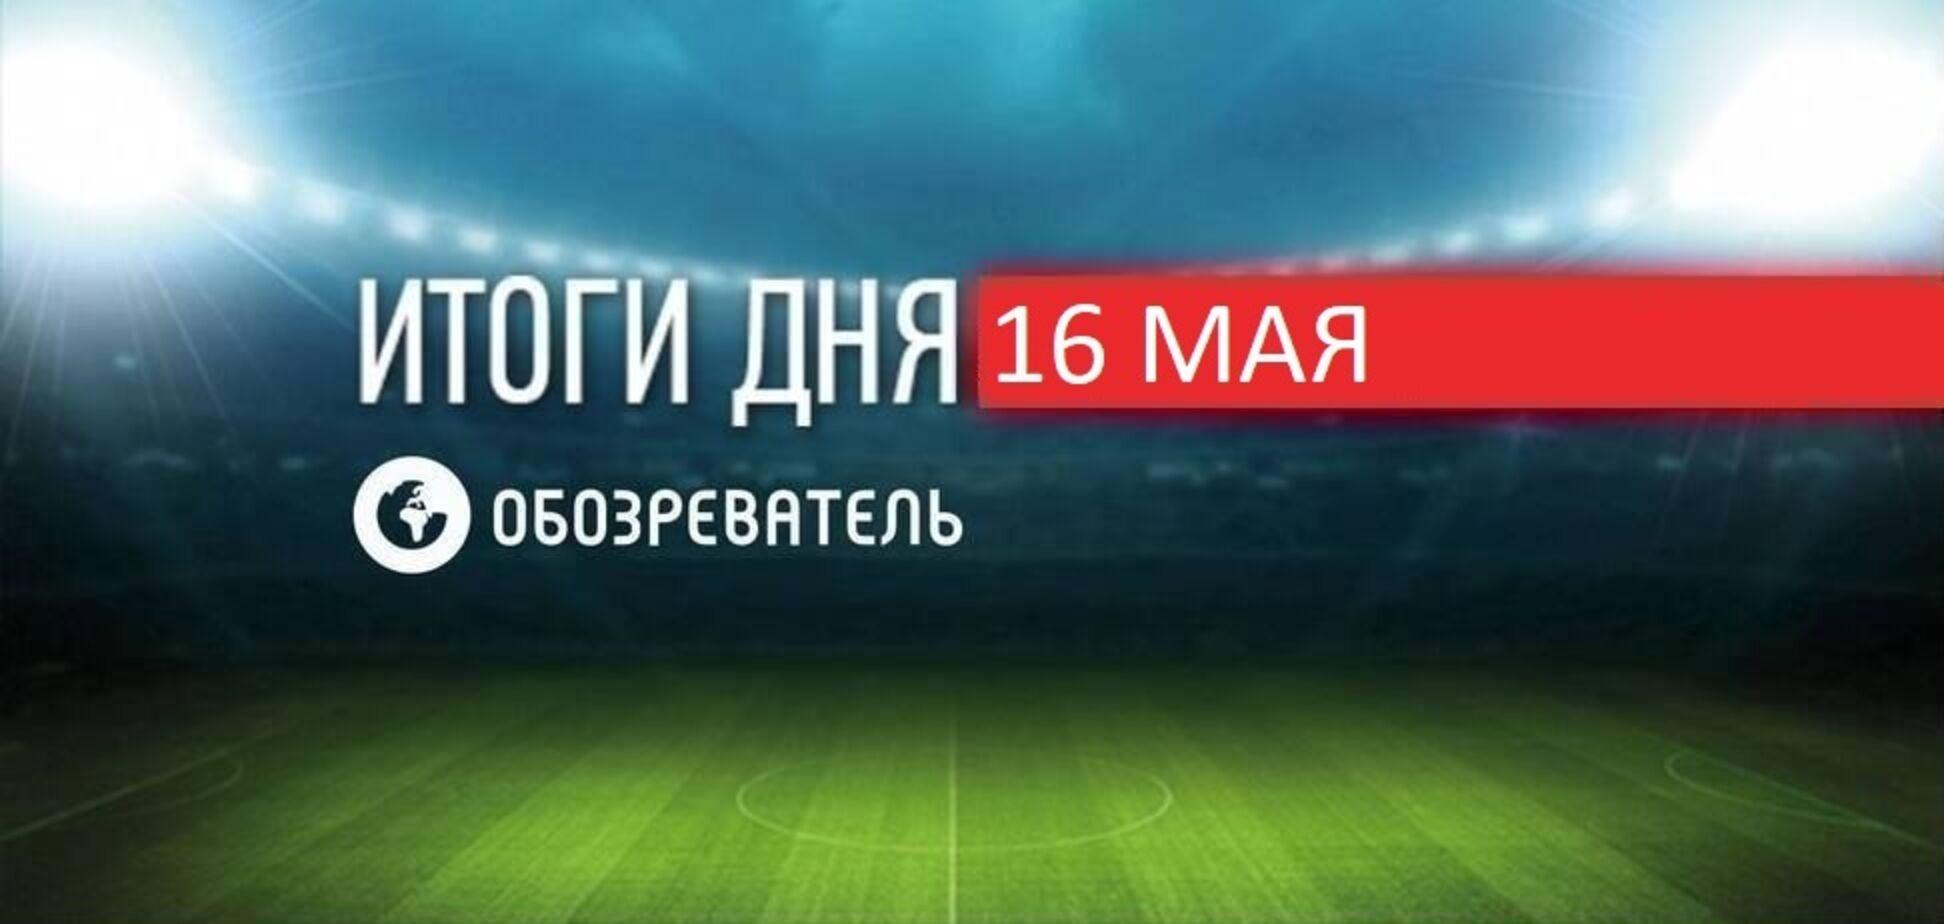 Новини спорту 16 травня: Ф'юрі оголосив про бій з Джошуа, українець виграв бій у першому раунді